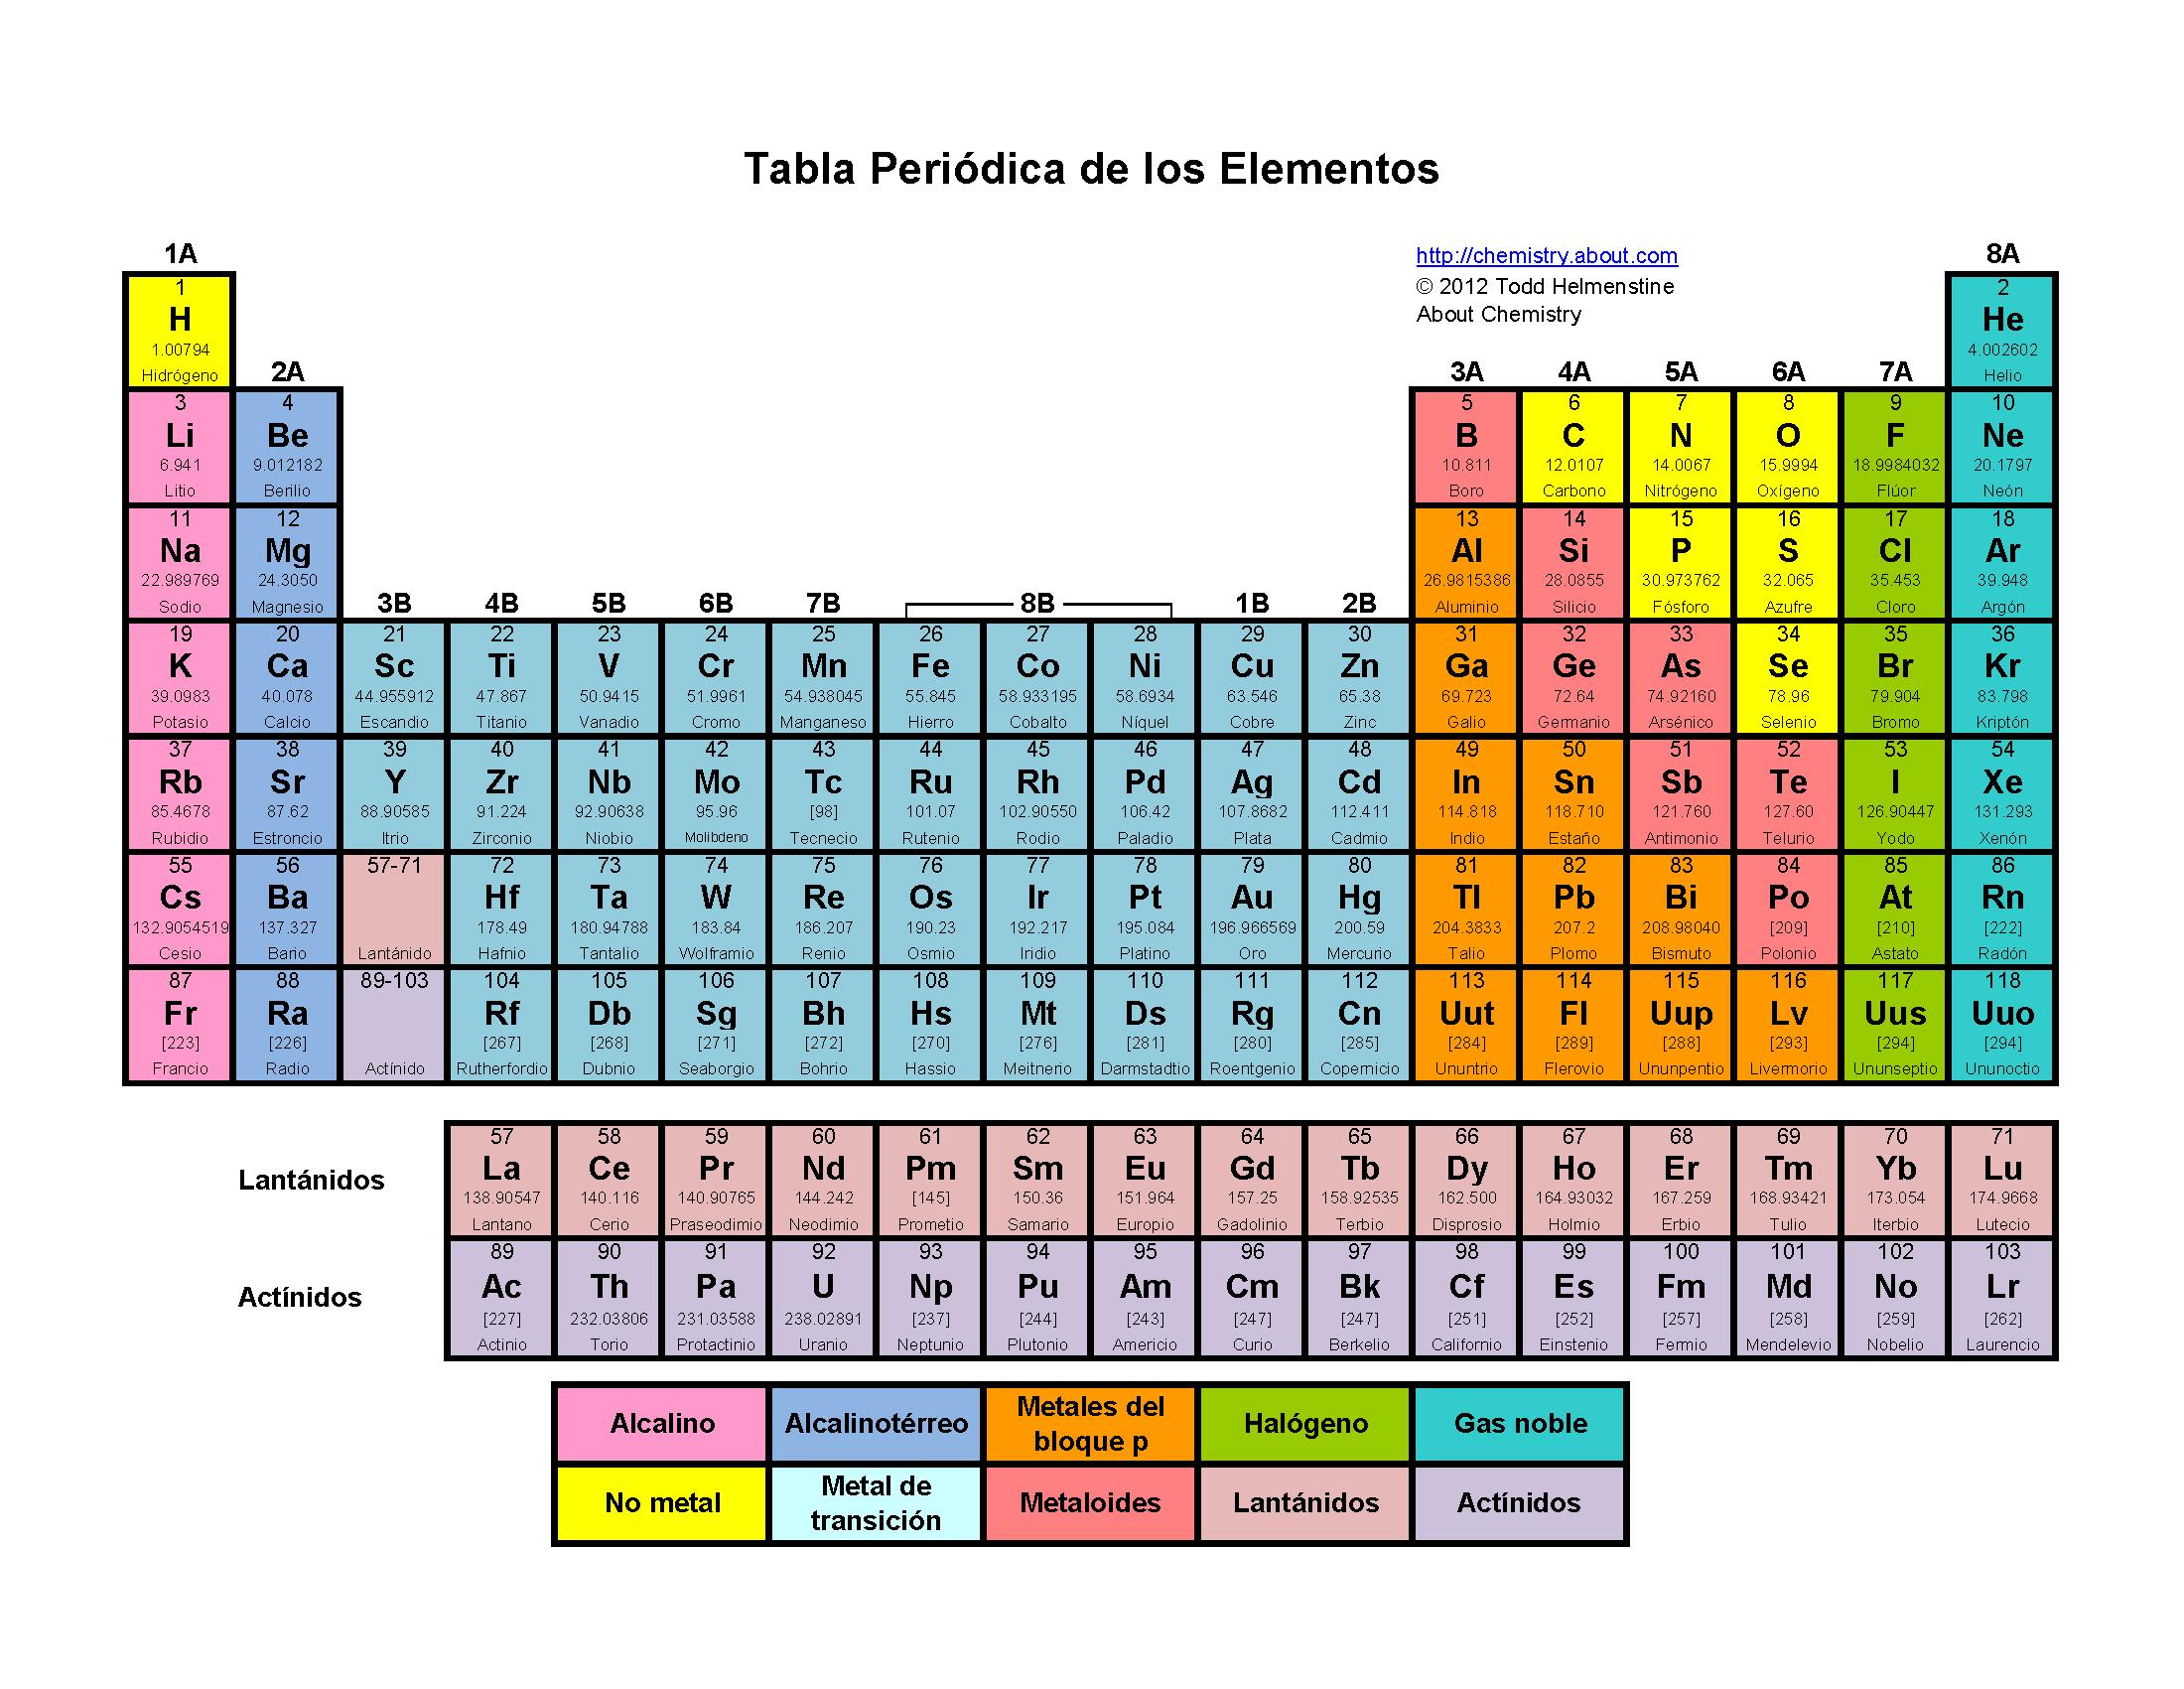 Tabla Periodica Metales Con Su Elemento Y Su Simbolo | hnczcyw.com